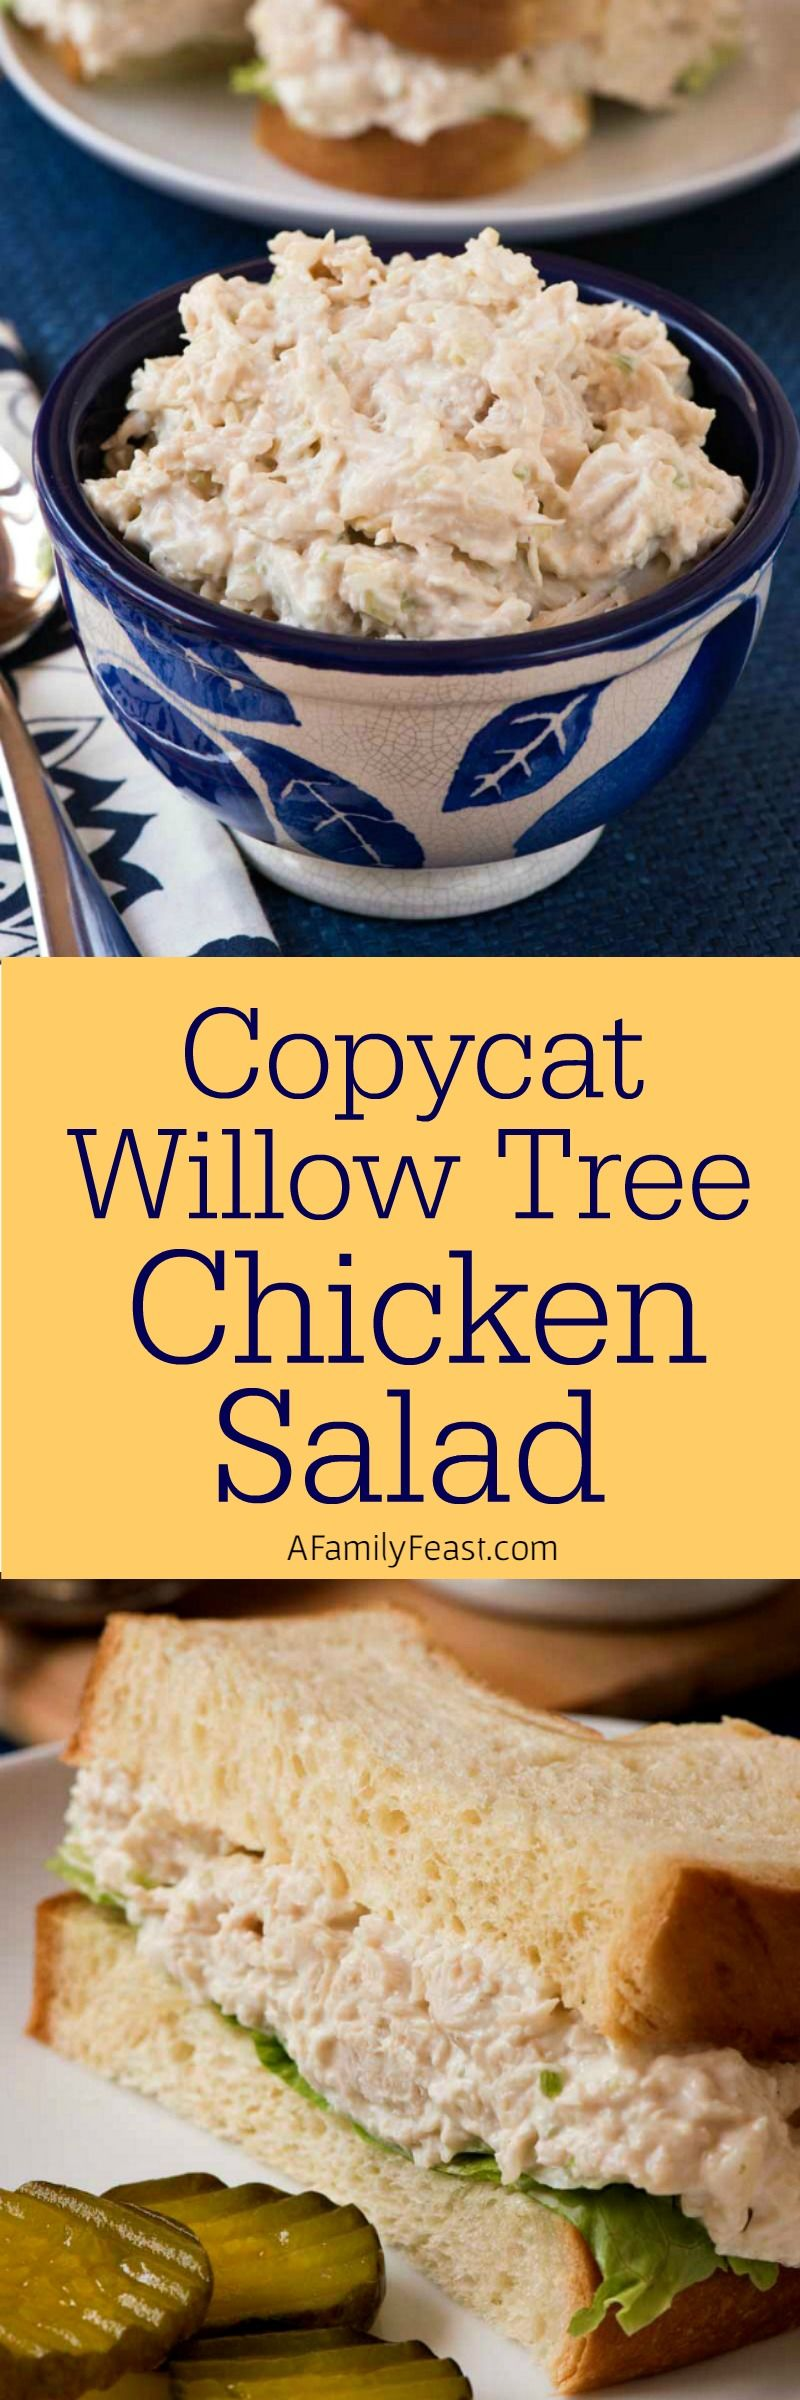 Copycat Willow Tree Chicken Salad - Nuestro intento de recrear la famosa ensalada de pollo Willow Tree - ¡y creo que estamos muy cerca!